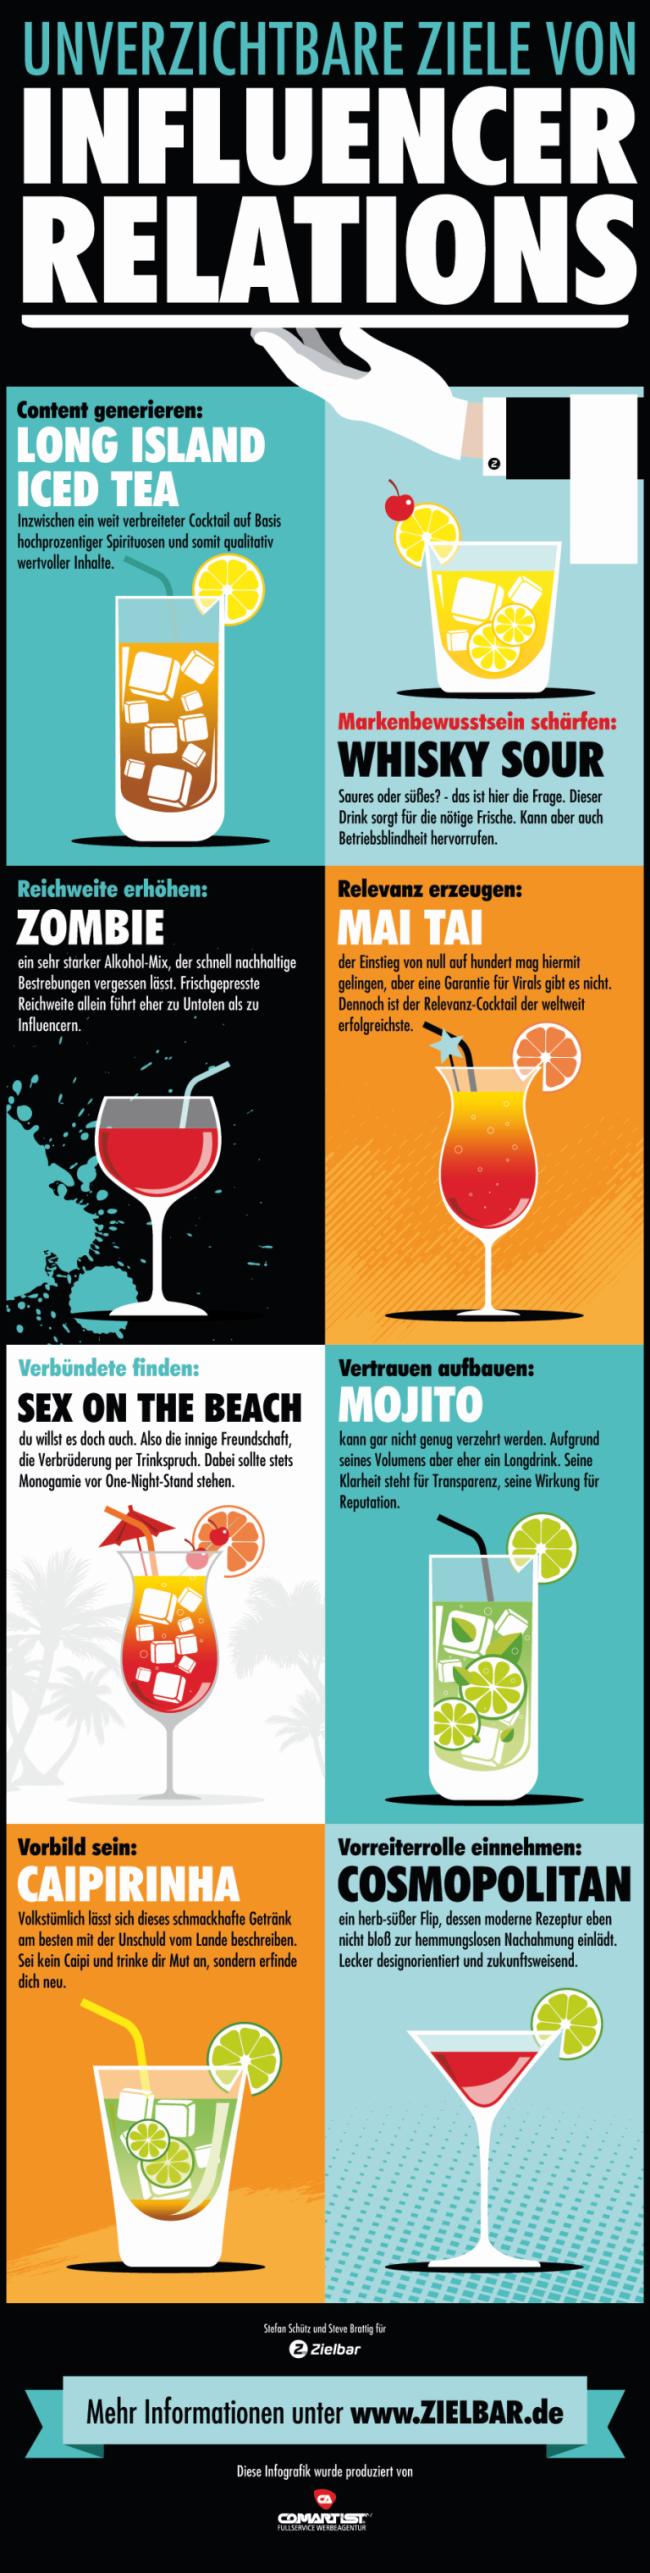 Unverzichtbare Ziele von Influencer Relations - Infografik